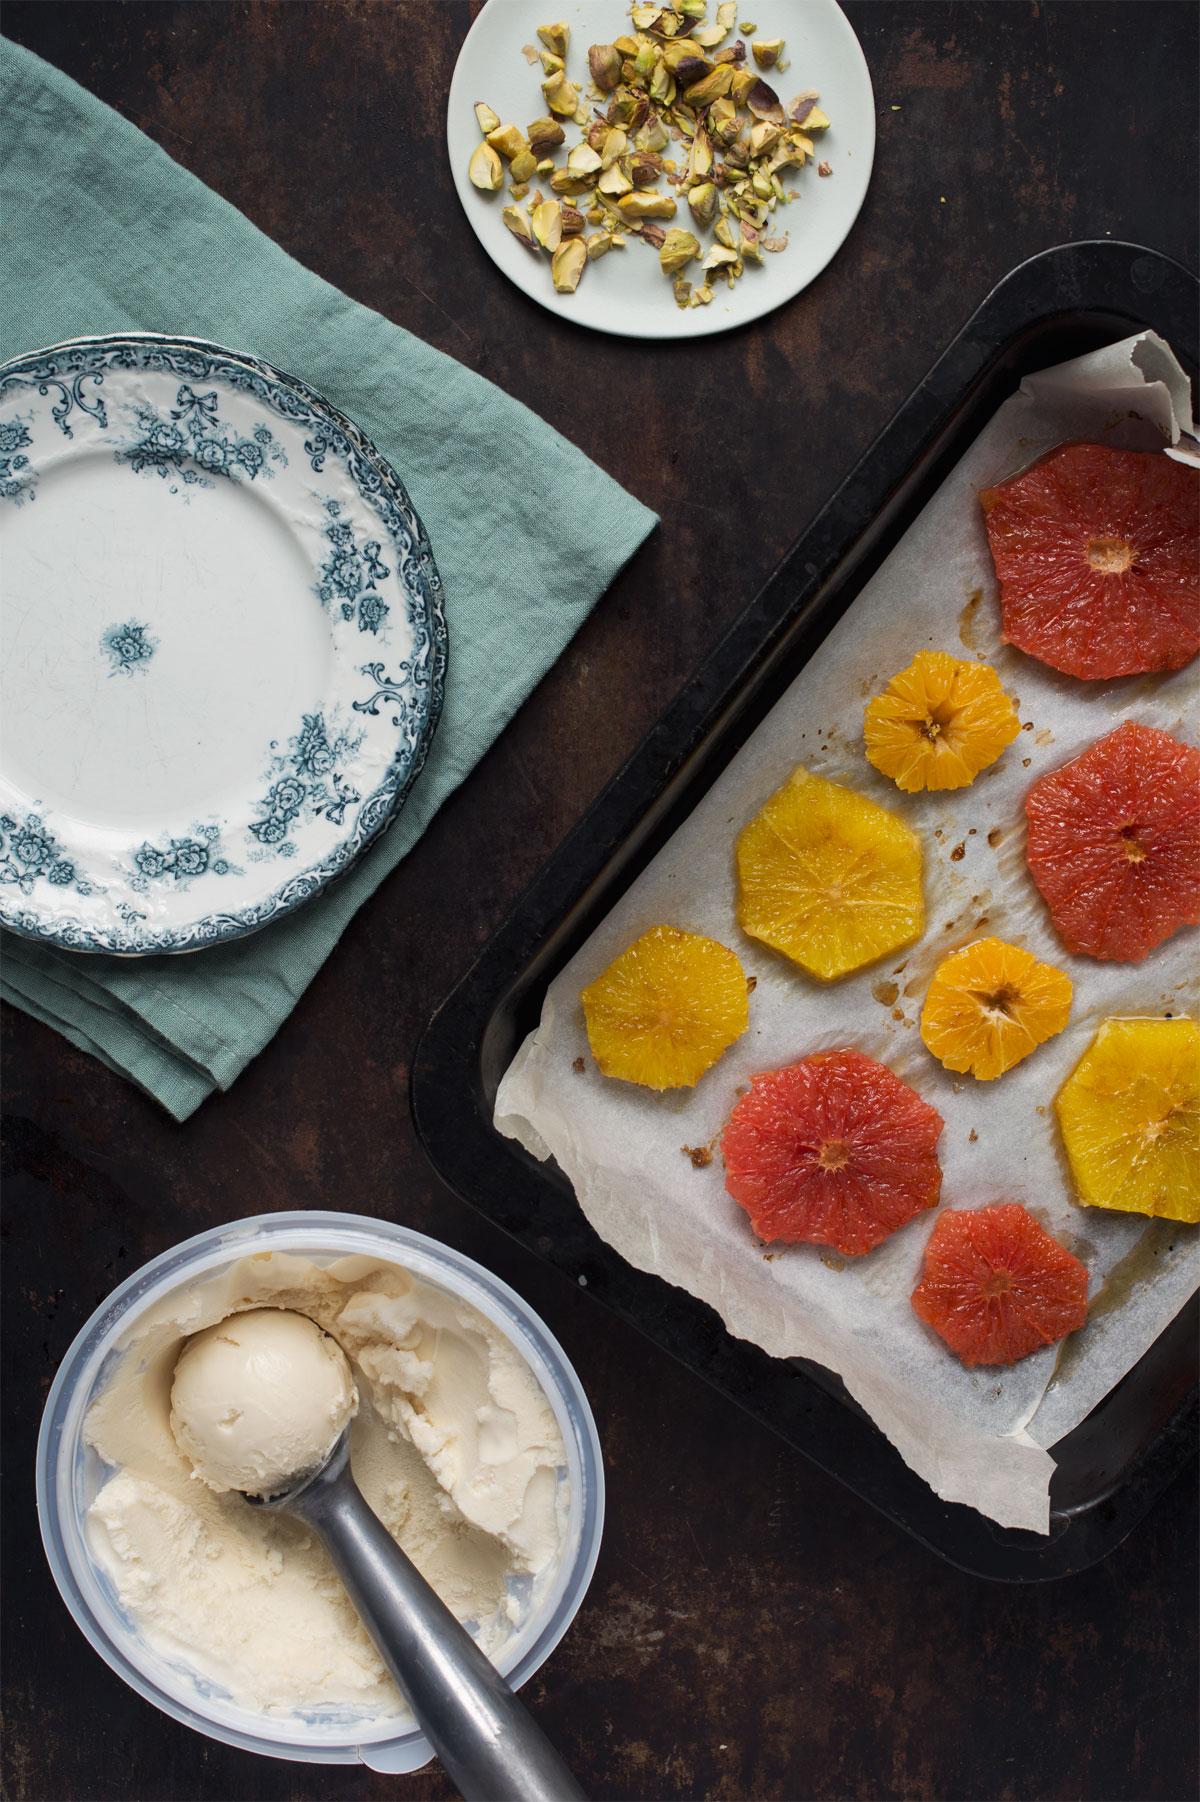 Opskrift: Dessert med bagte appelsiner